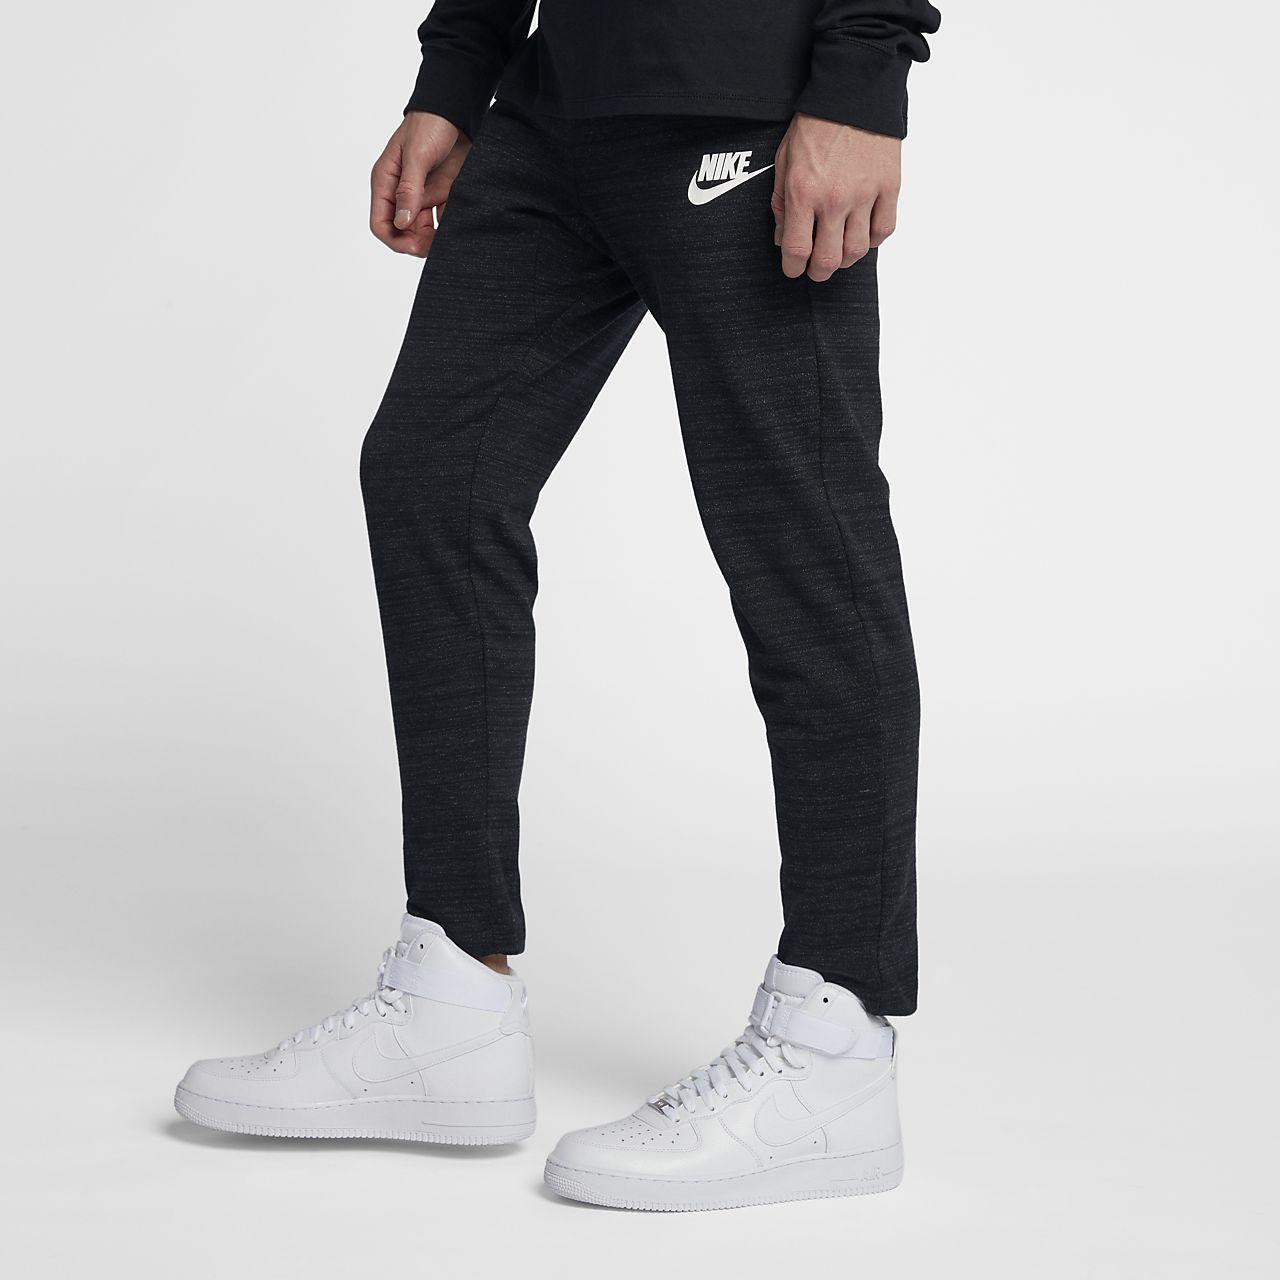 15 Pour Nike Sportswear Homme Pantalon Advance Fr xq7PwInz